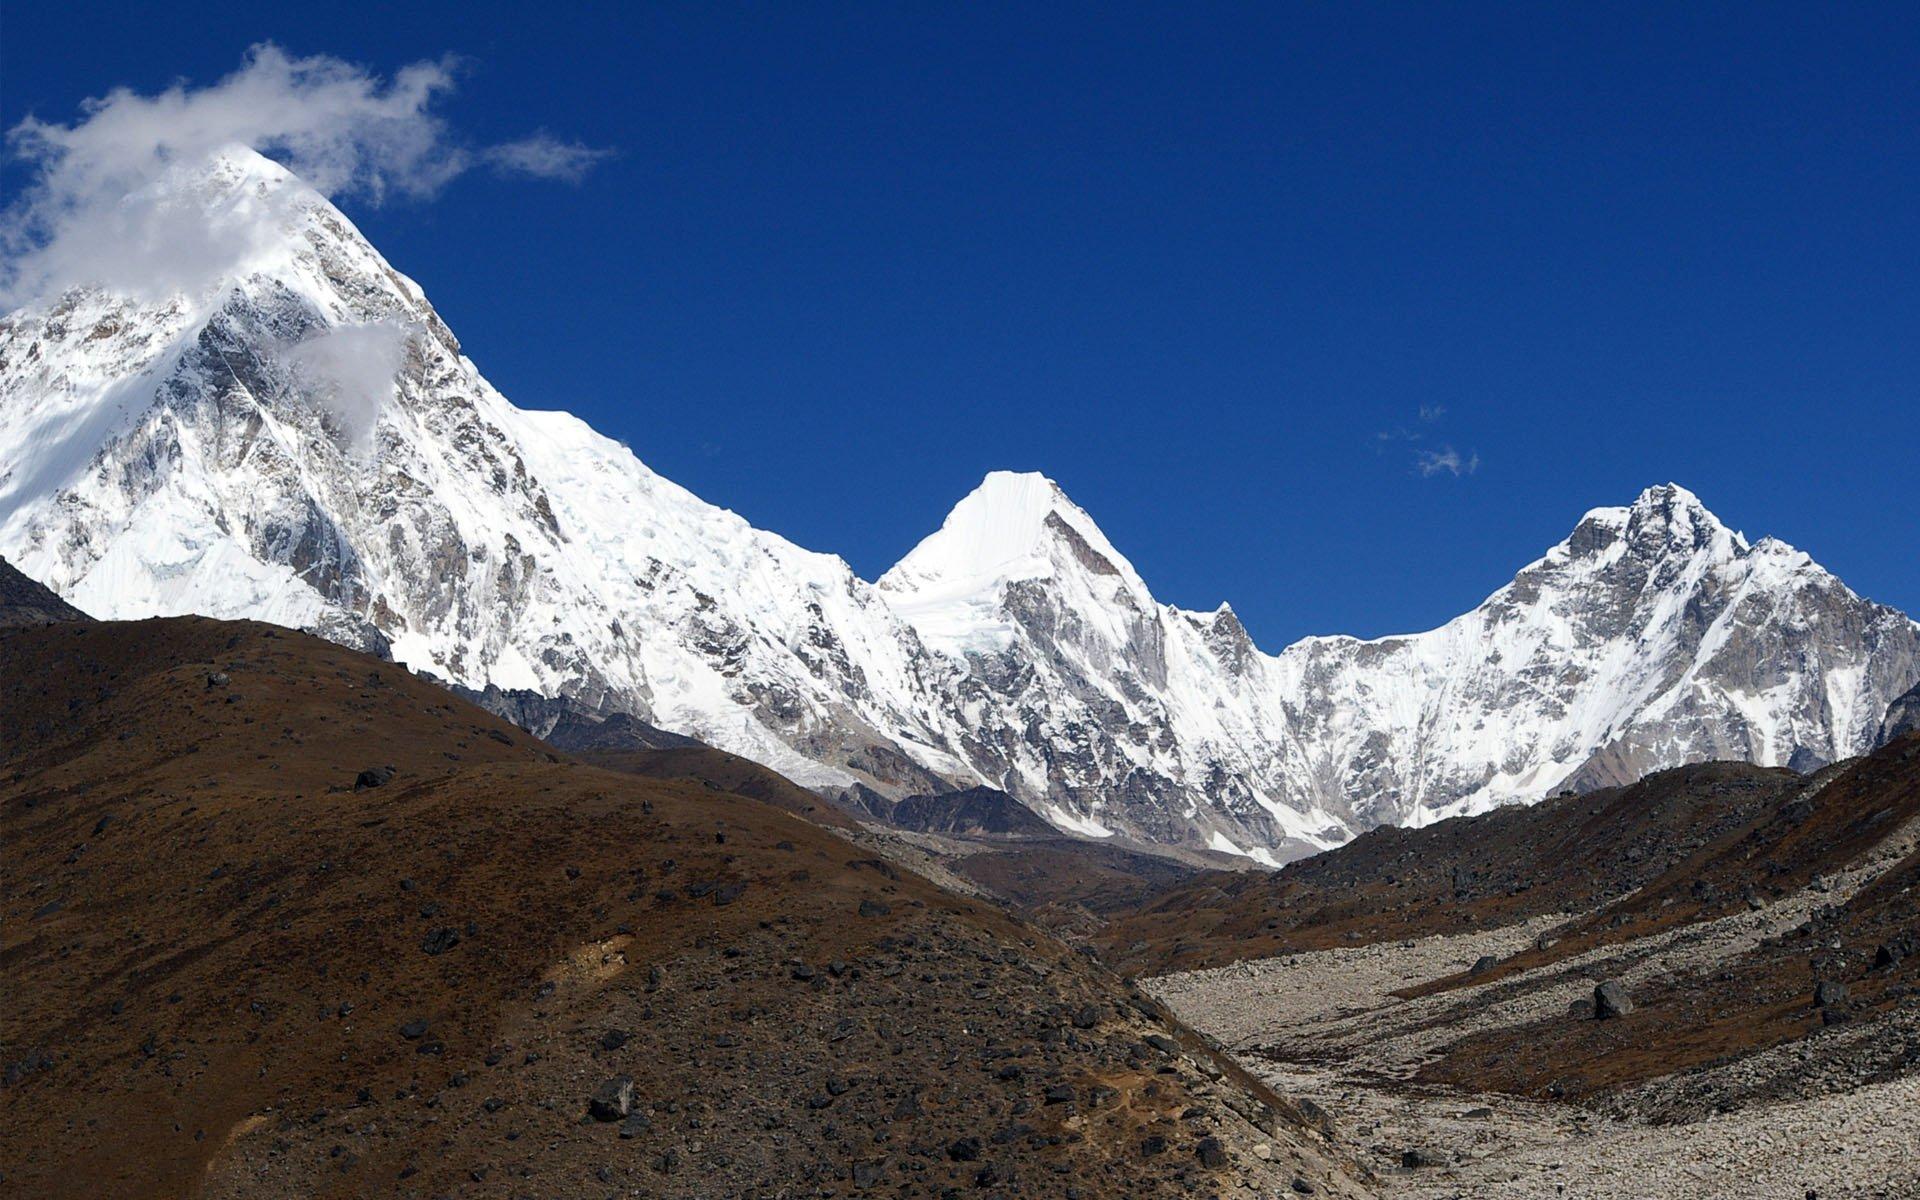 Hd Himalaya Wallpaper Wallpapersafari